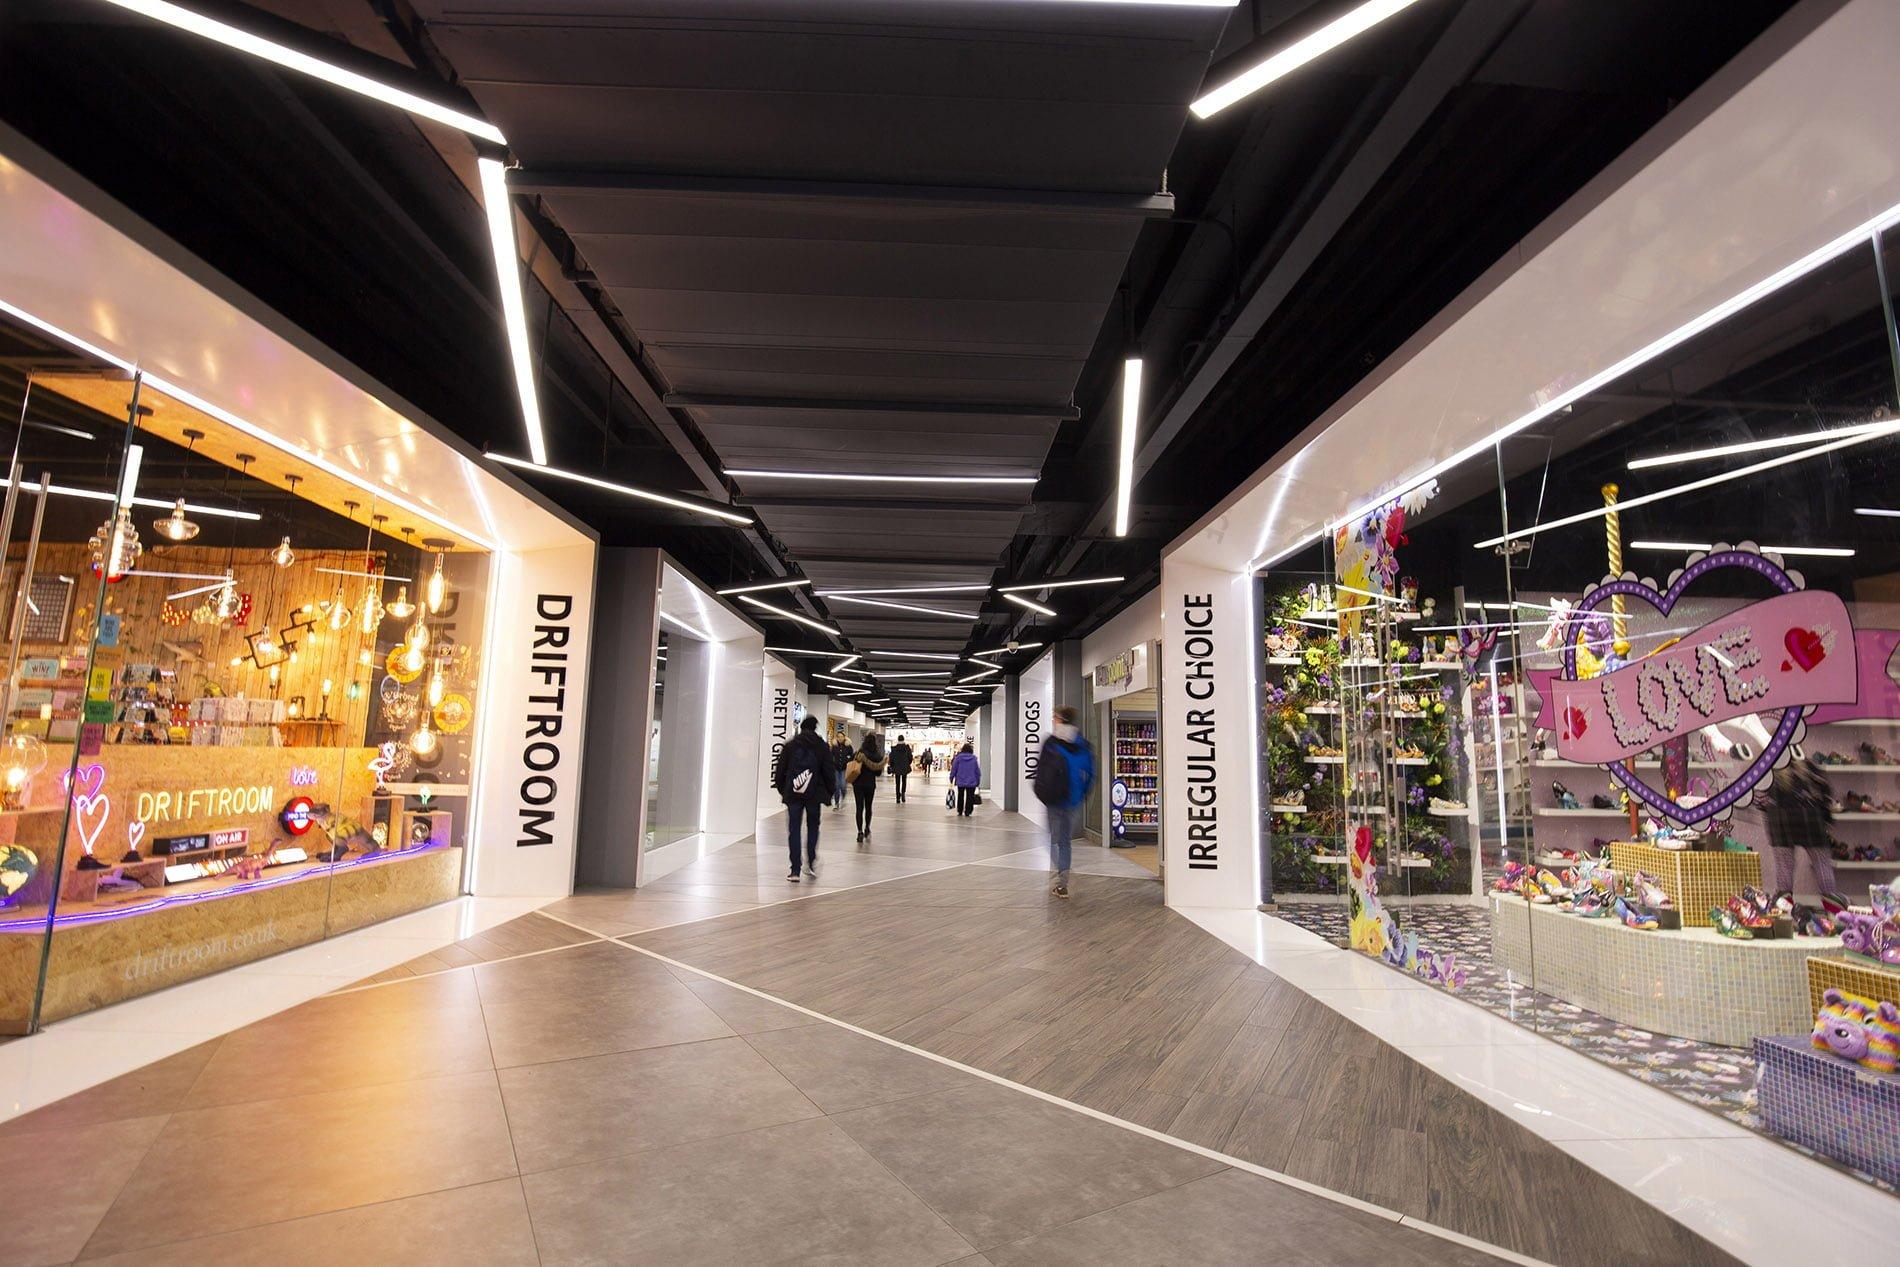 beyond london Link Street shopping centre asset enhancement